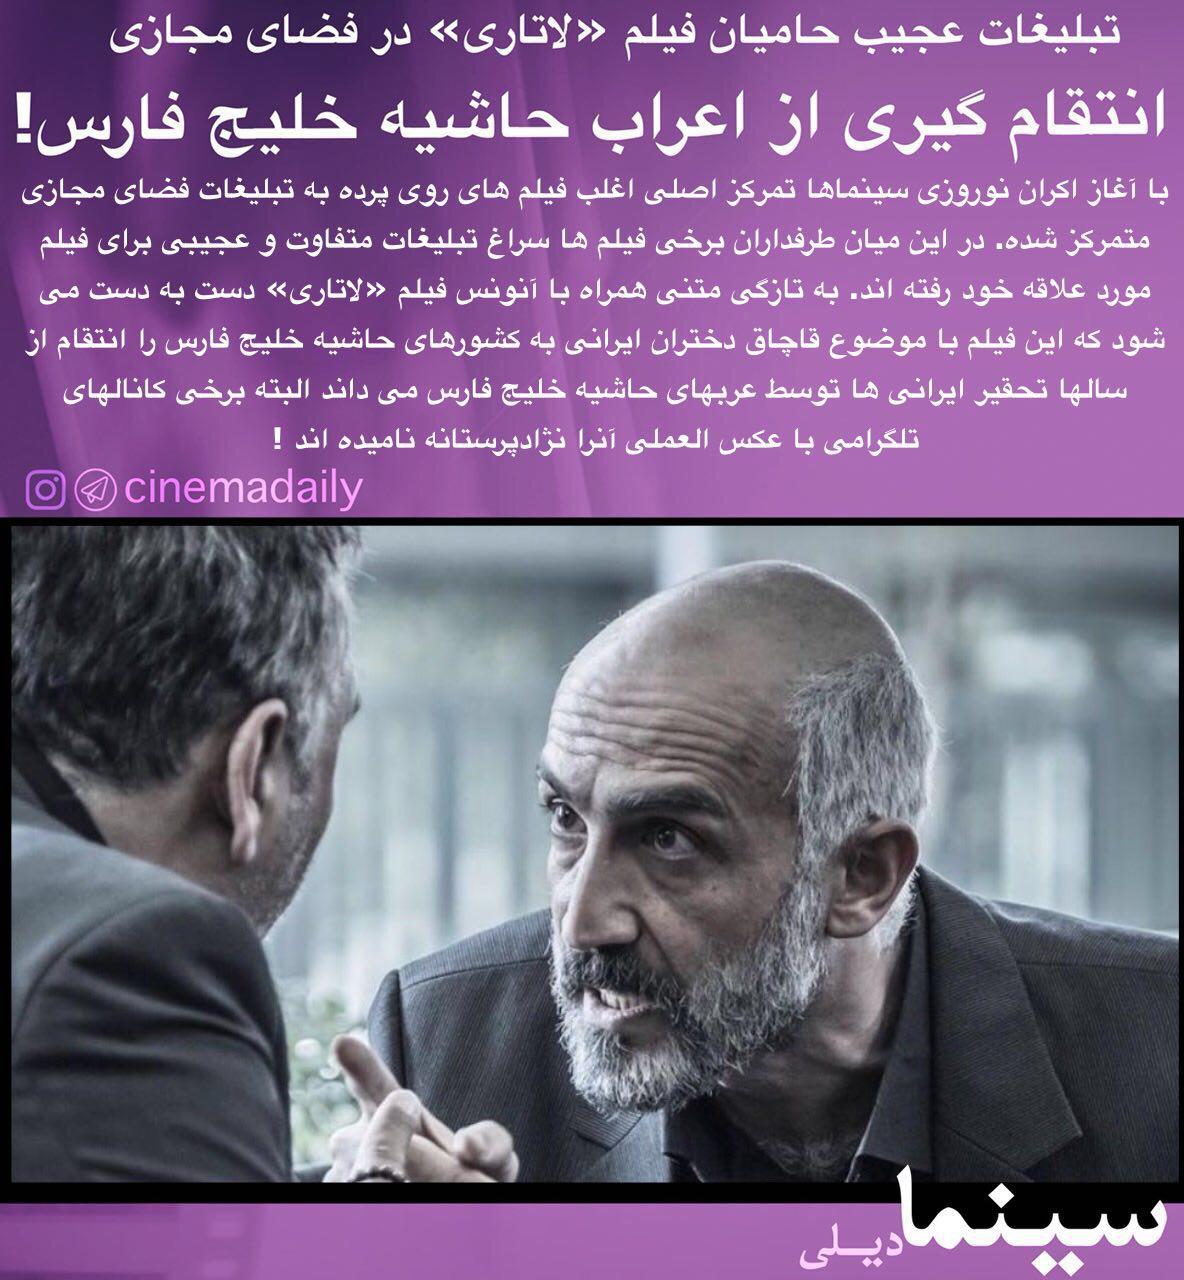 فیلم فارسی حرف زدن استیون هاوکینگ